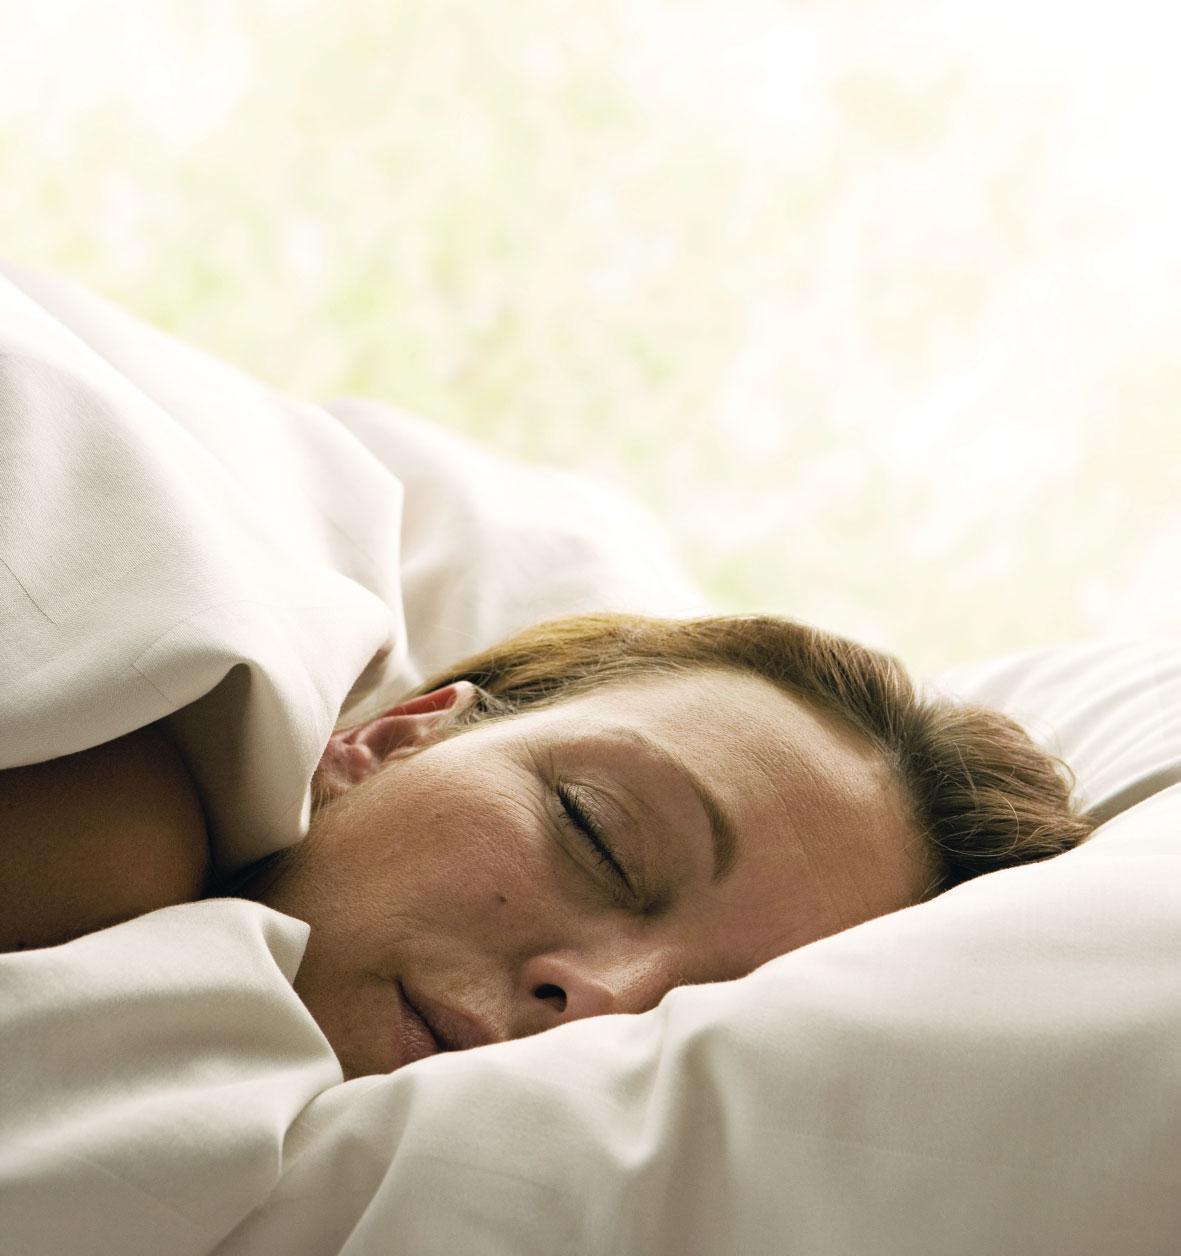 Melhor cama do mundo: Descubra 20 benefícios da Auping